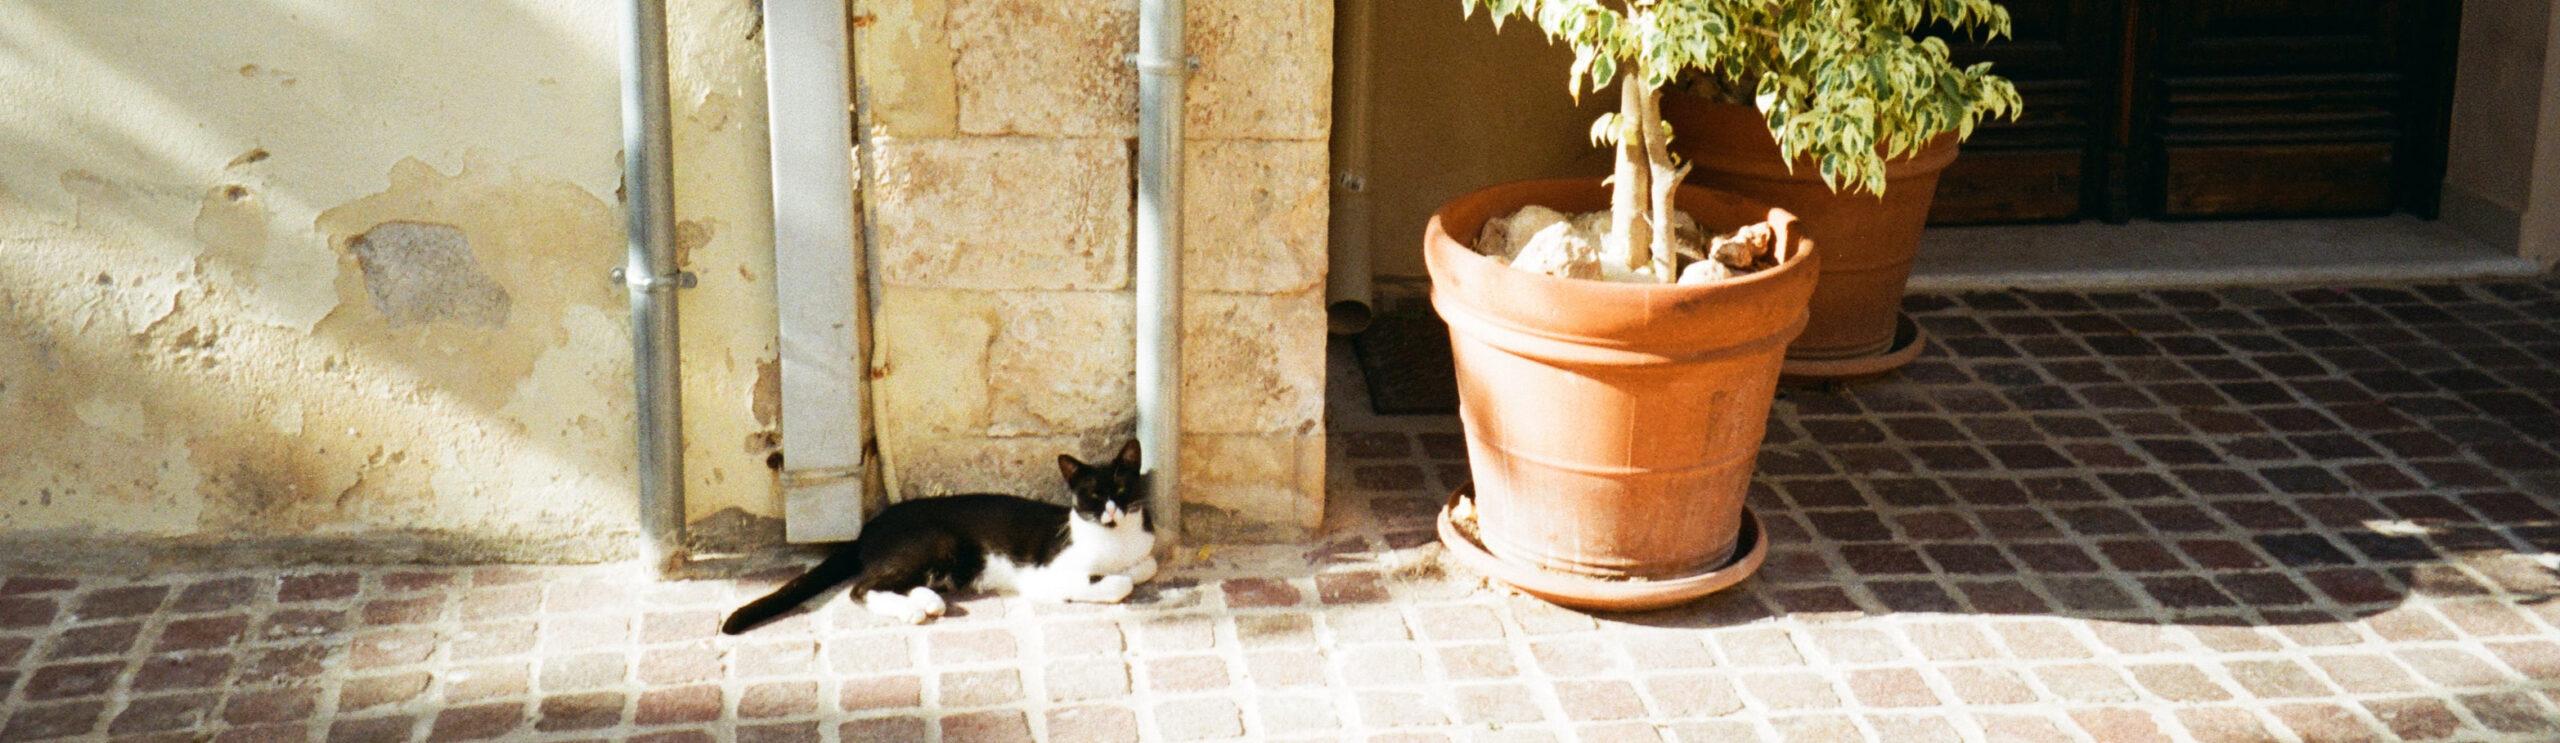 Kruka och katt i sol